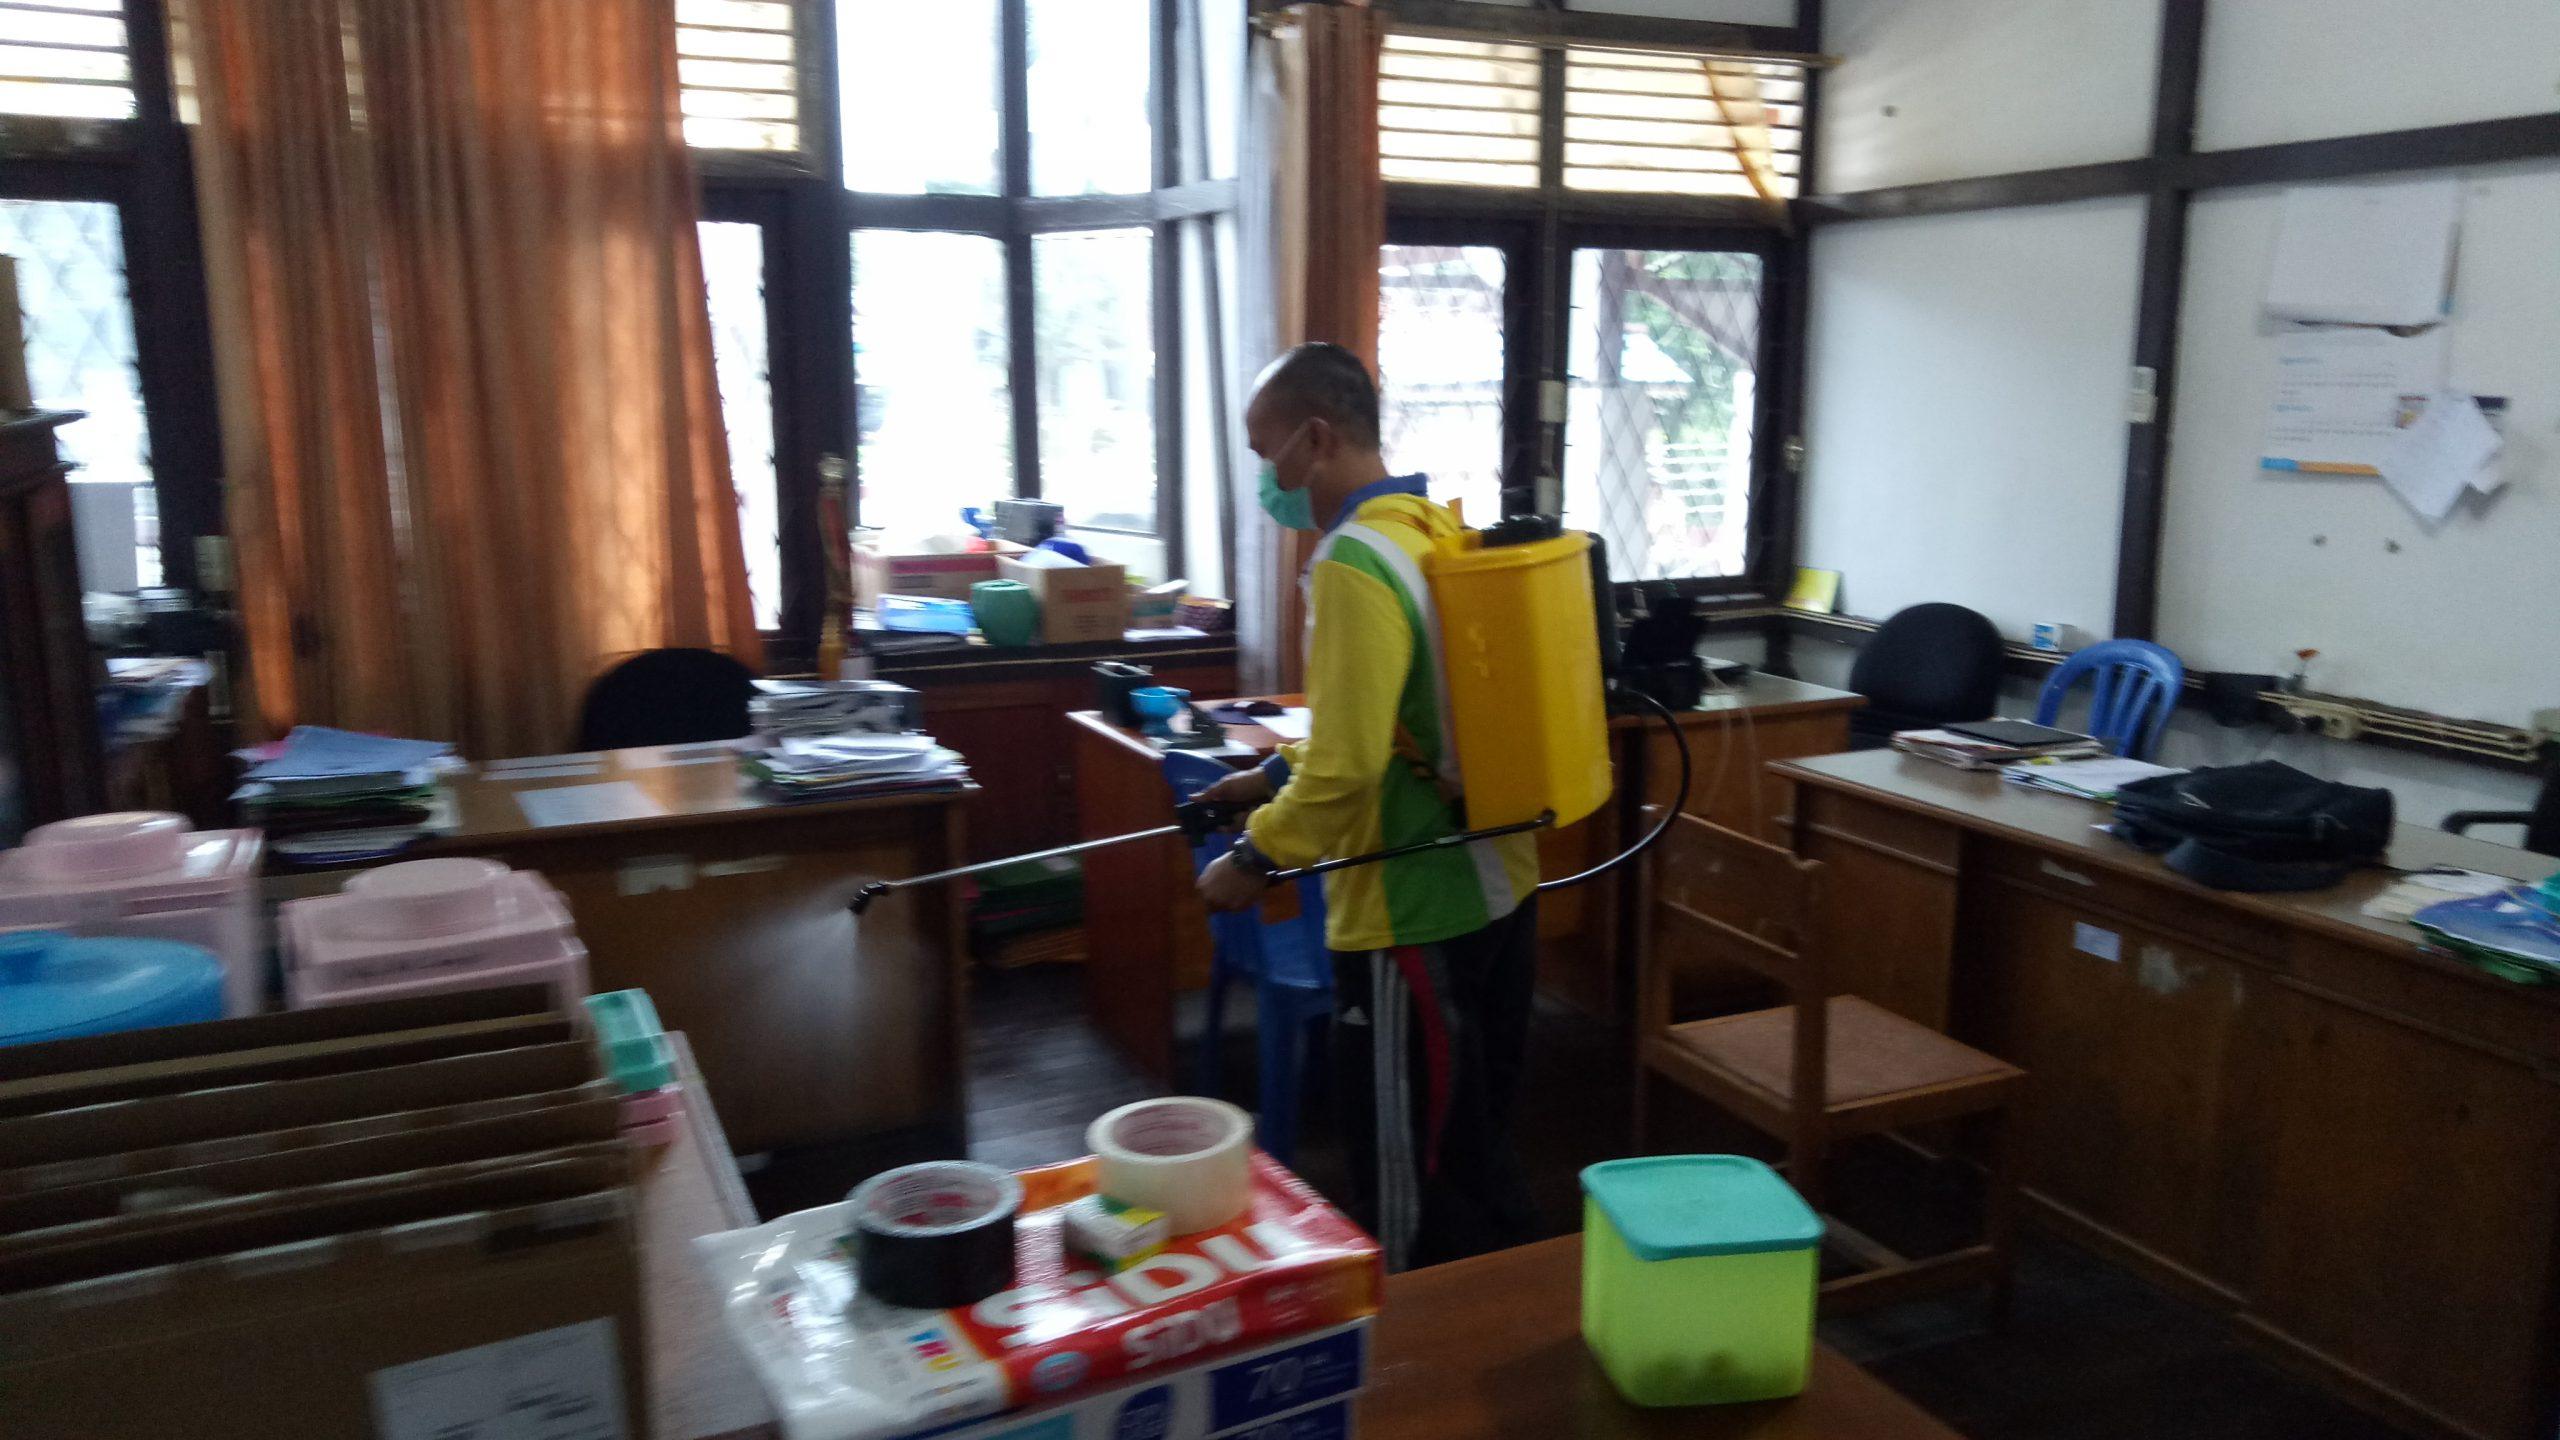 Upaya Pencegahan Penyebaran COVID-19, BKPSDM Kapuas Hulu melakukan Penyemprotan Disinfektan di Lingkungan Kantor